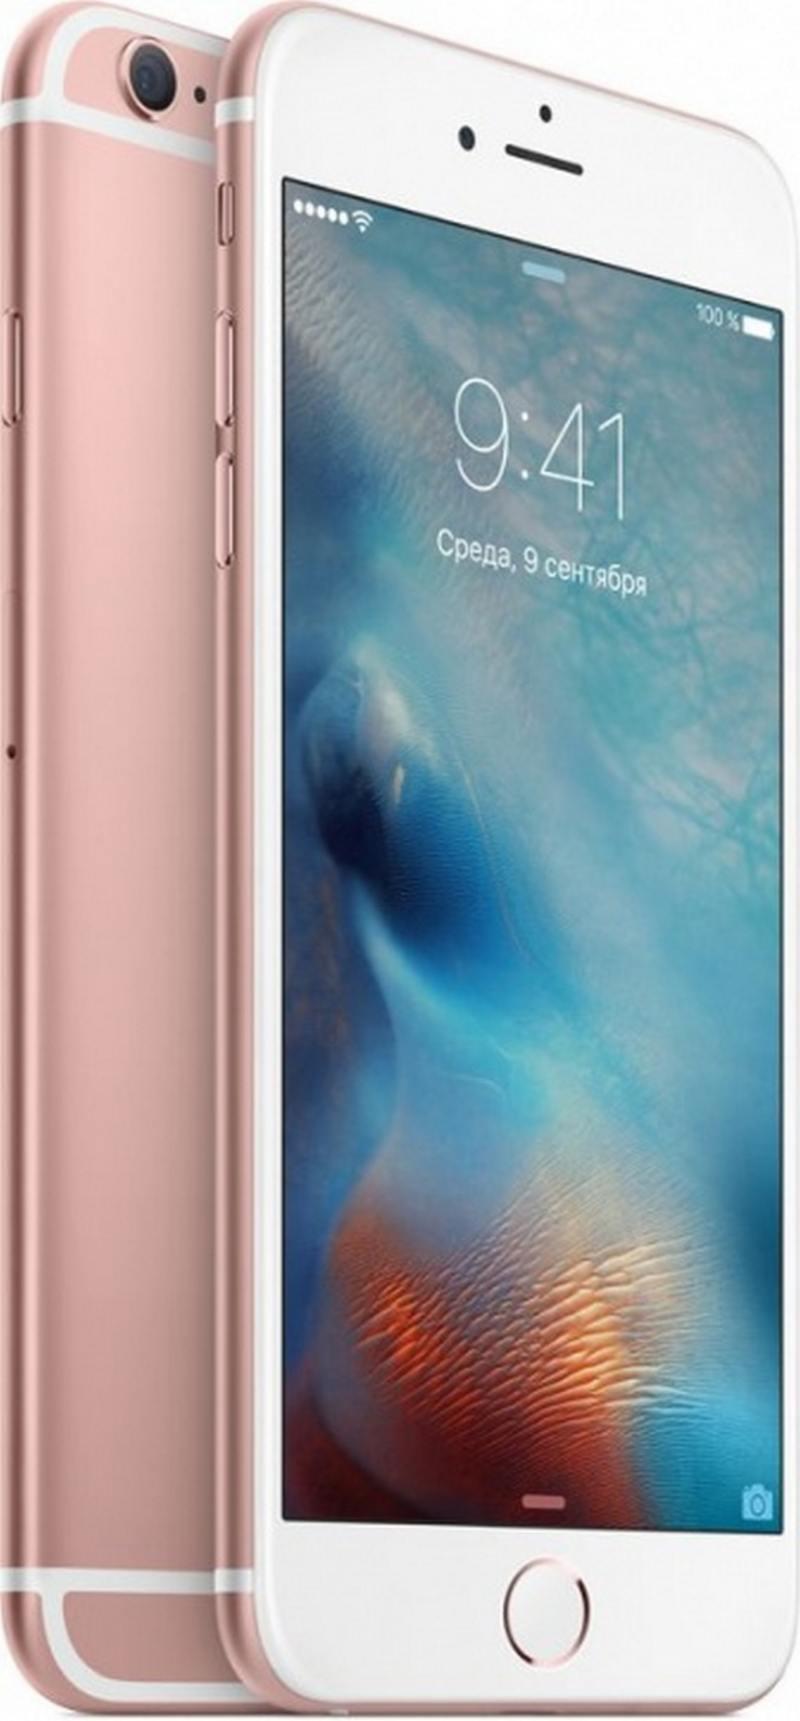 Смартфон Apple iPhone 6S Plus розовое золото 5.5 32 Гб NFC LTE Wi-Fi GPS 3G MN2Y2RU/A смартфон asus zenfone live zb501kl золотистый 5 32 гб lte wi fi gps 3g 90ak0072 m00140